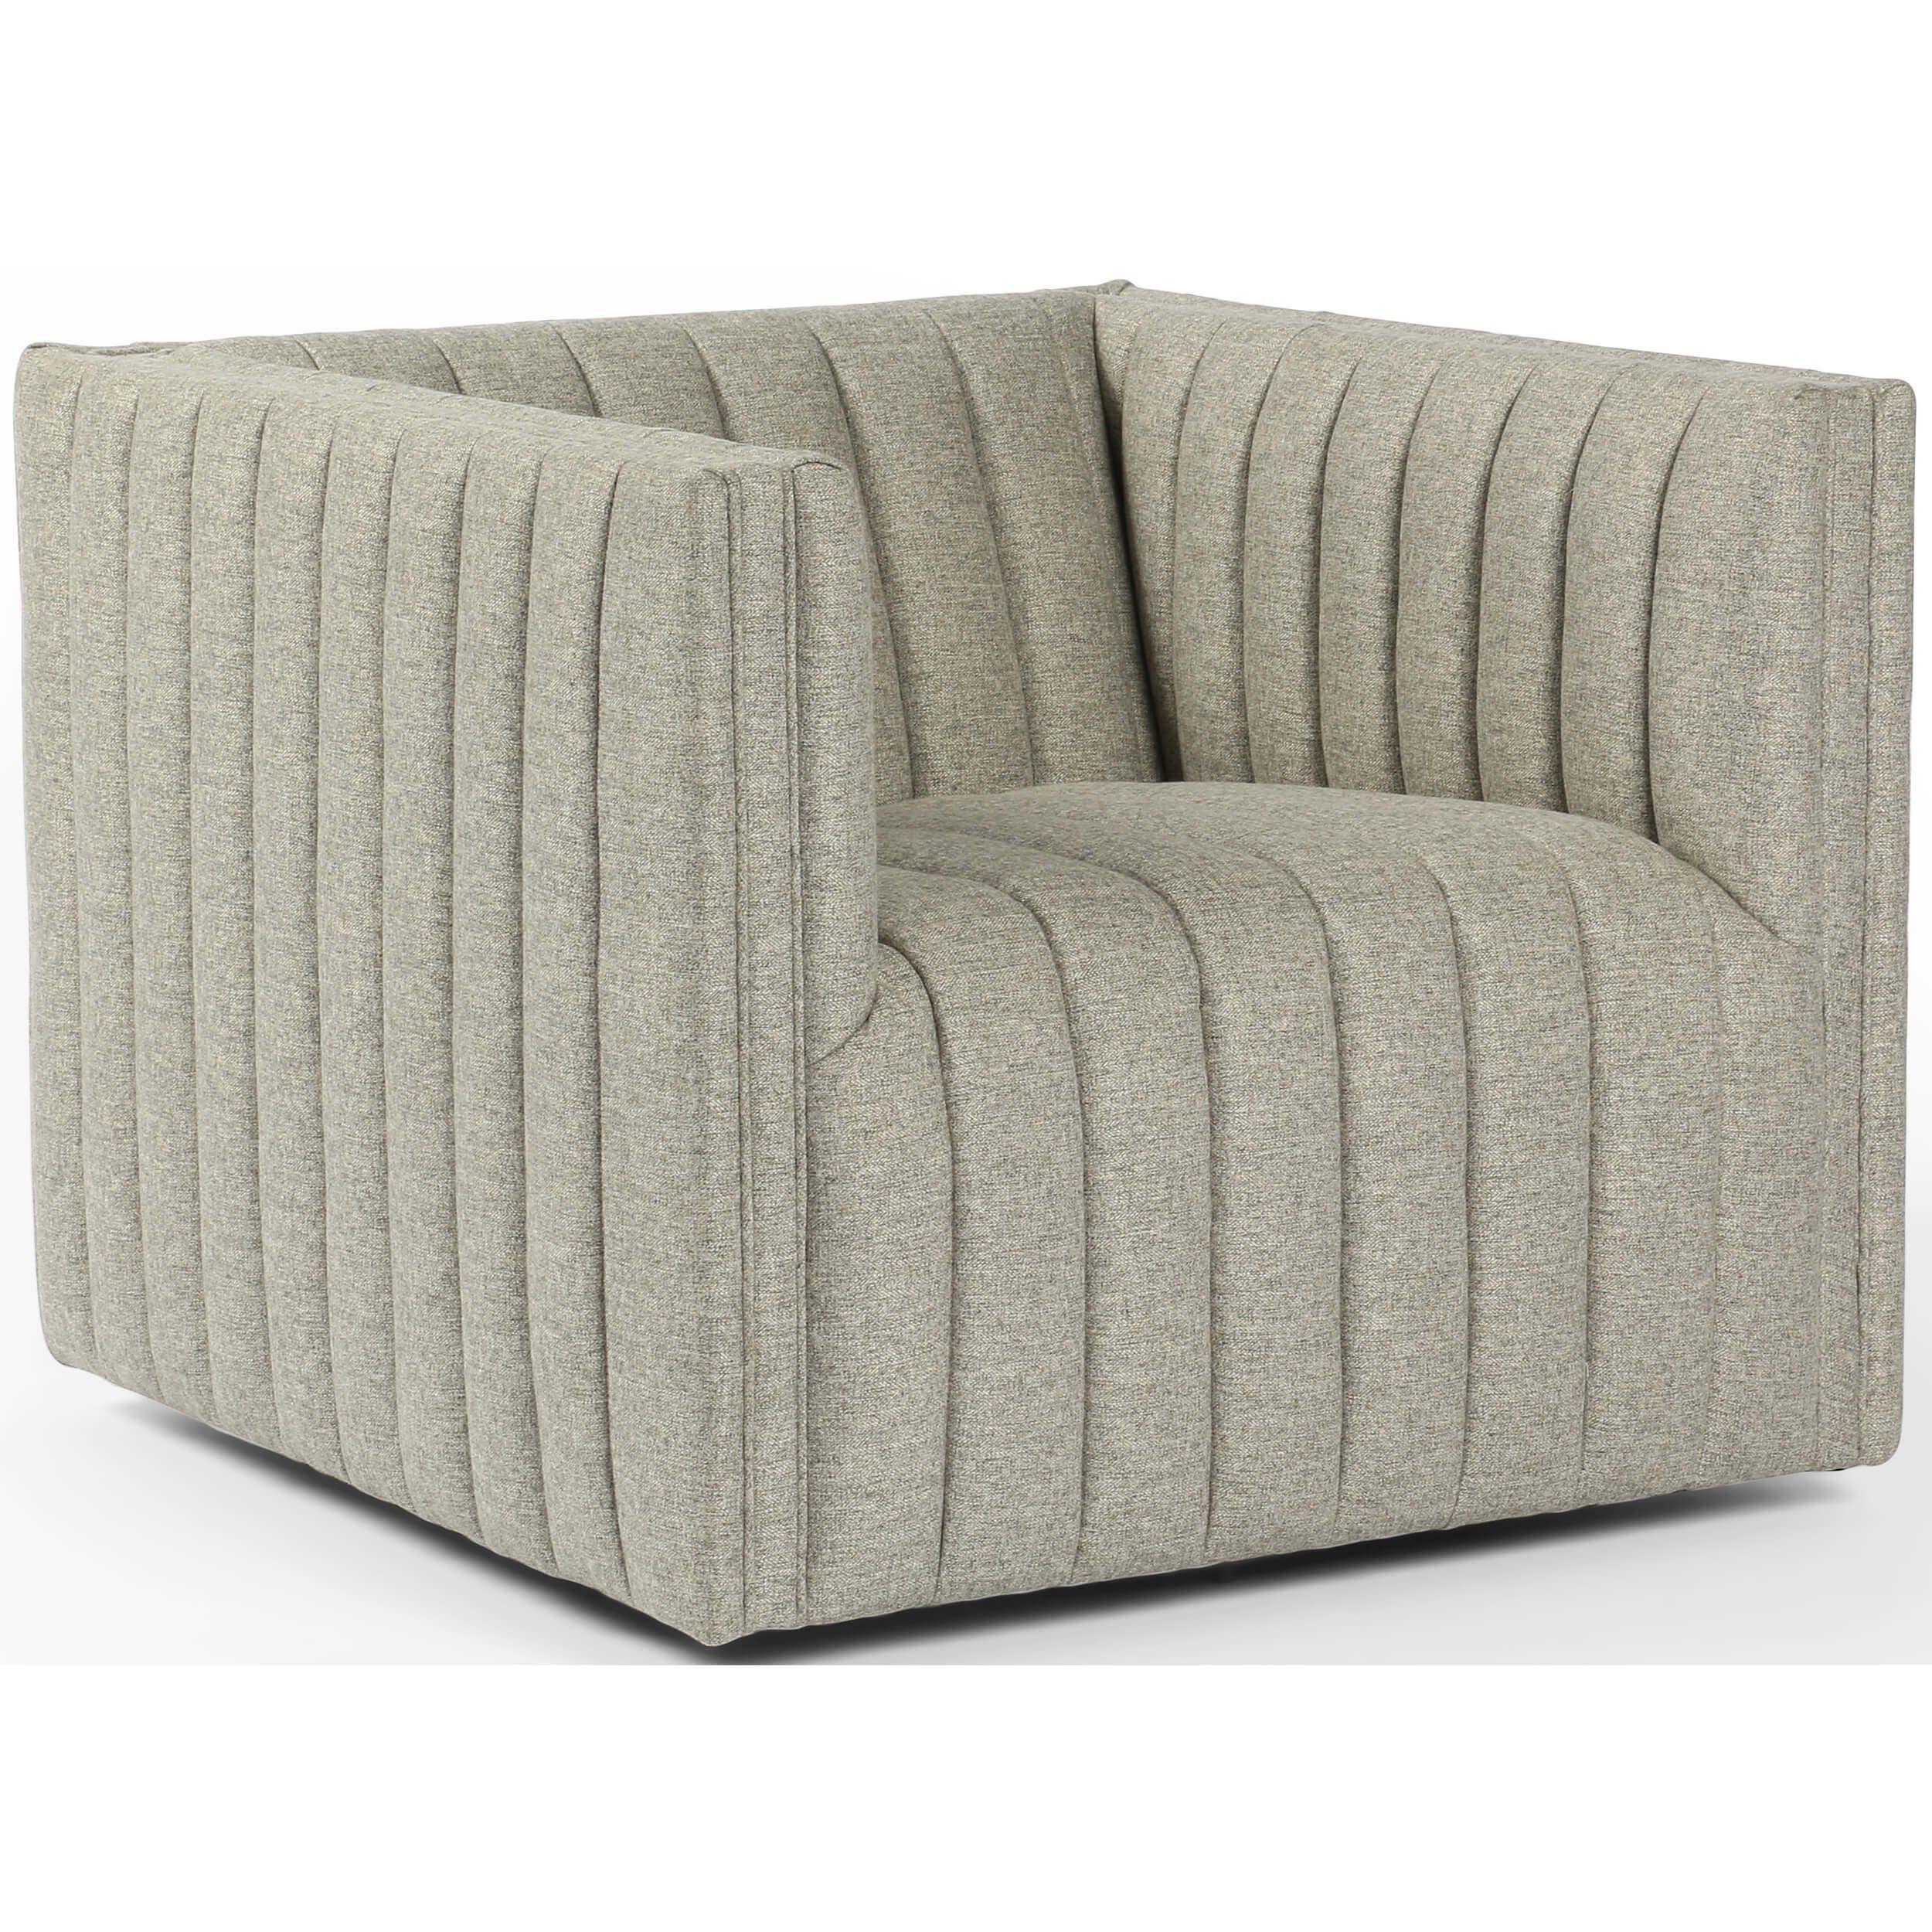 Astonishing Augustine Swivel Chair Orly Natural In 2019 Home Art Short Links Chair Design For Home Short Linksinfo